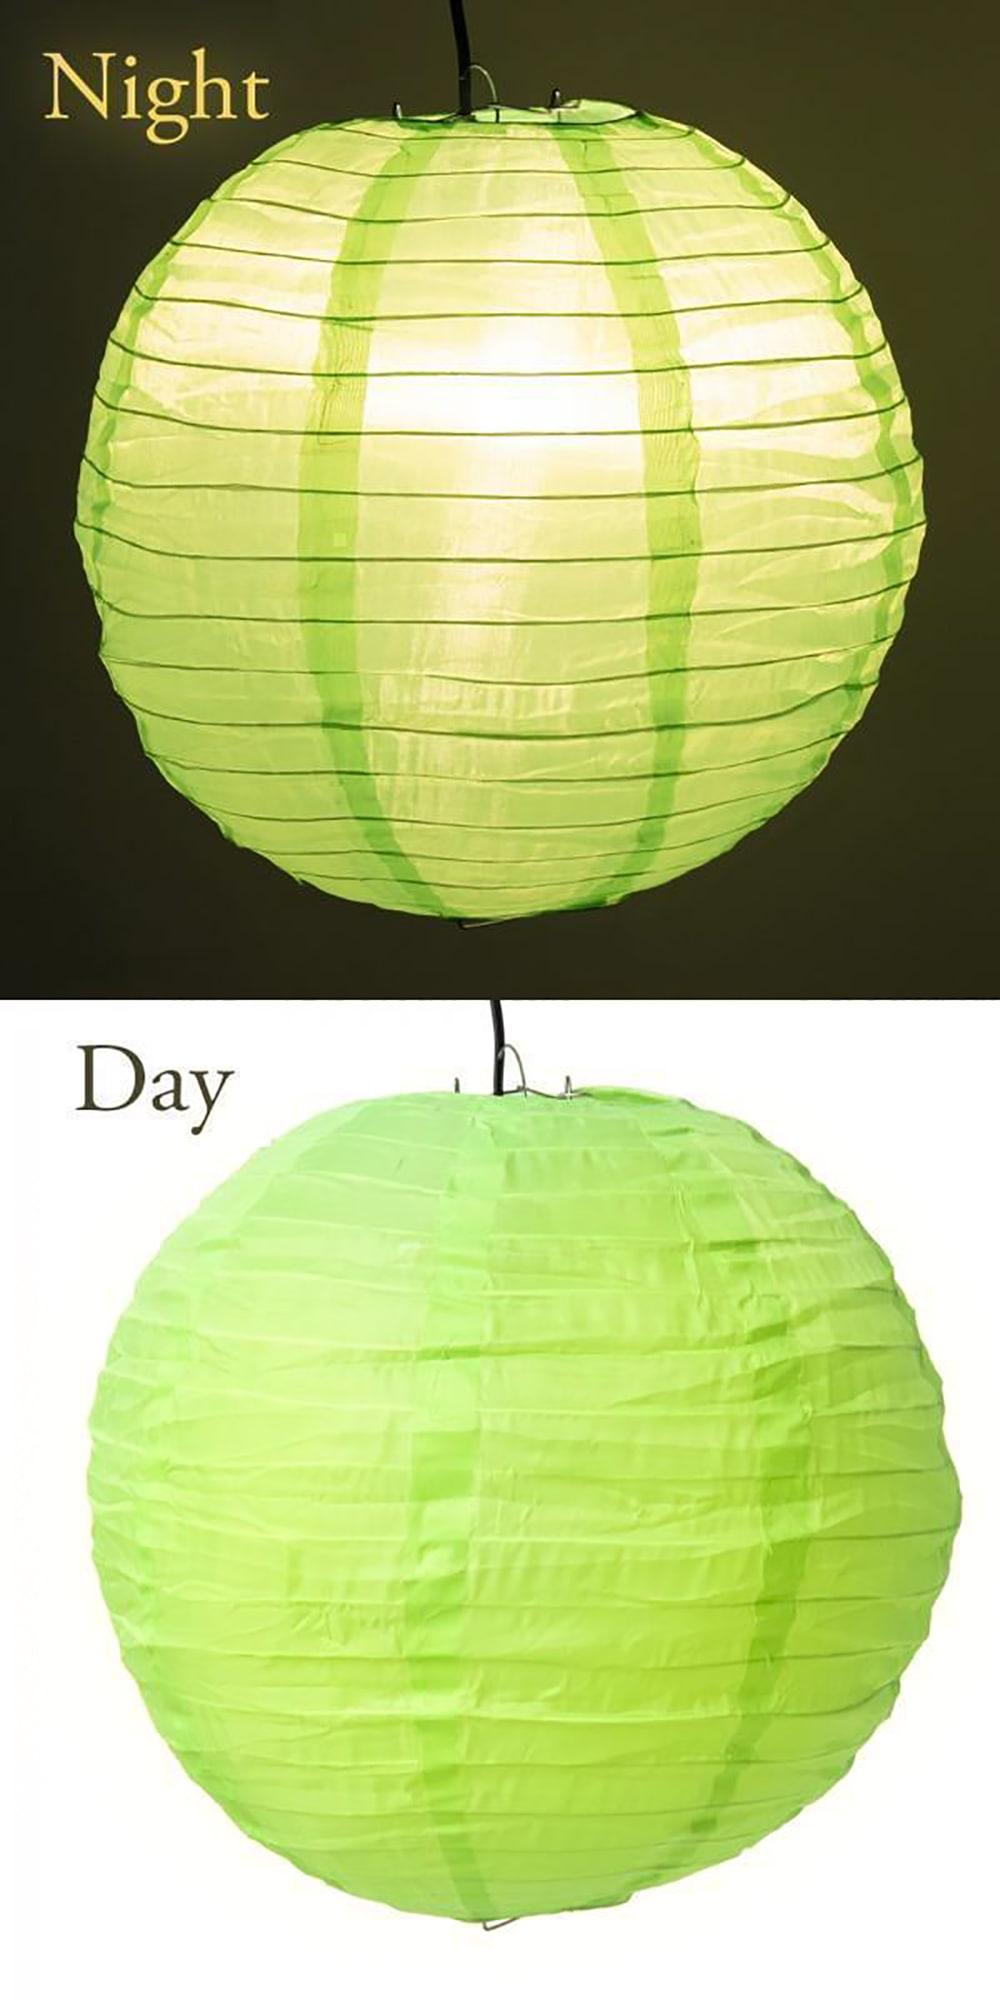 【8色展開】ベトナムのカラフル提灯・ランタン - 丸型 直径30cm 3 - 2:黄緑